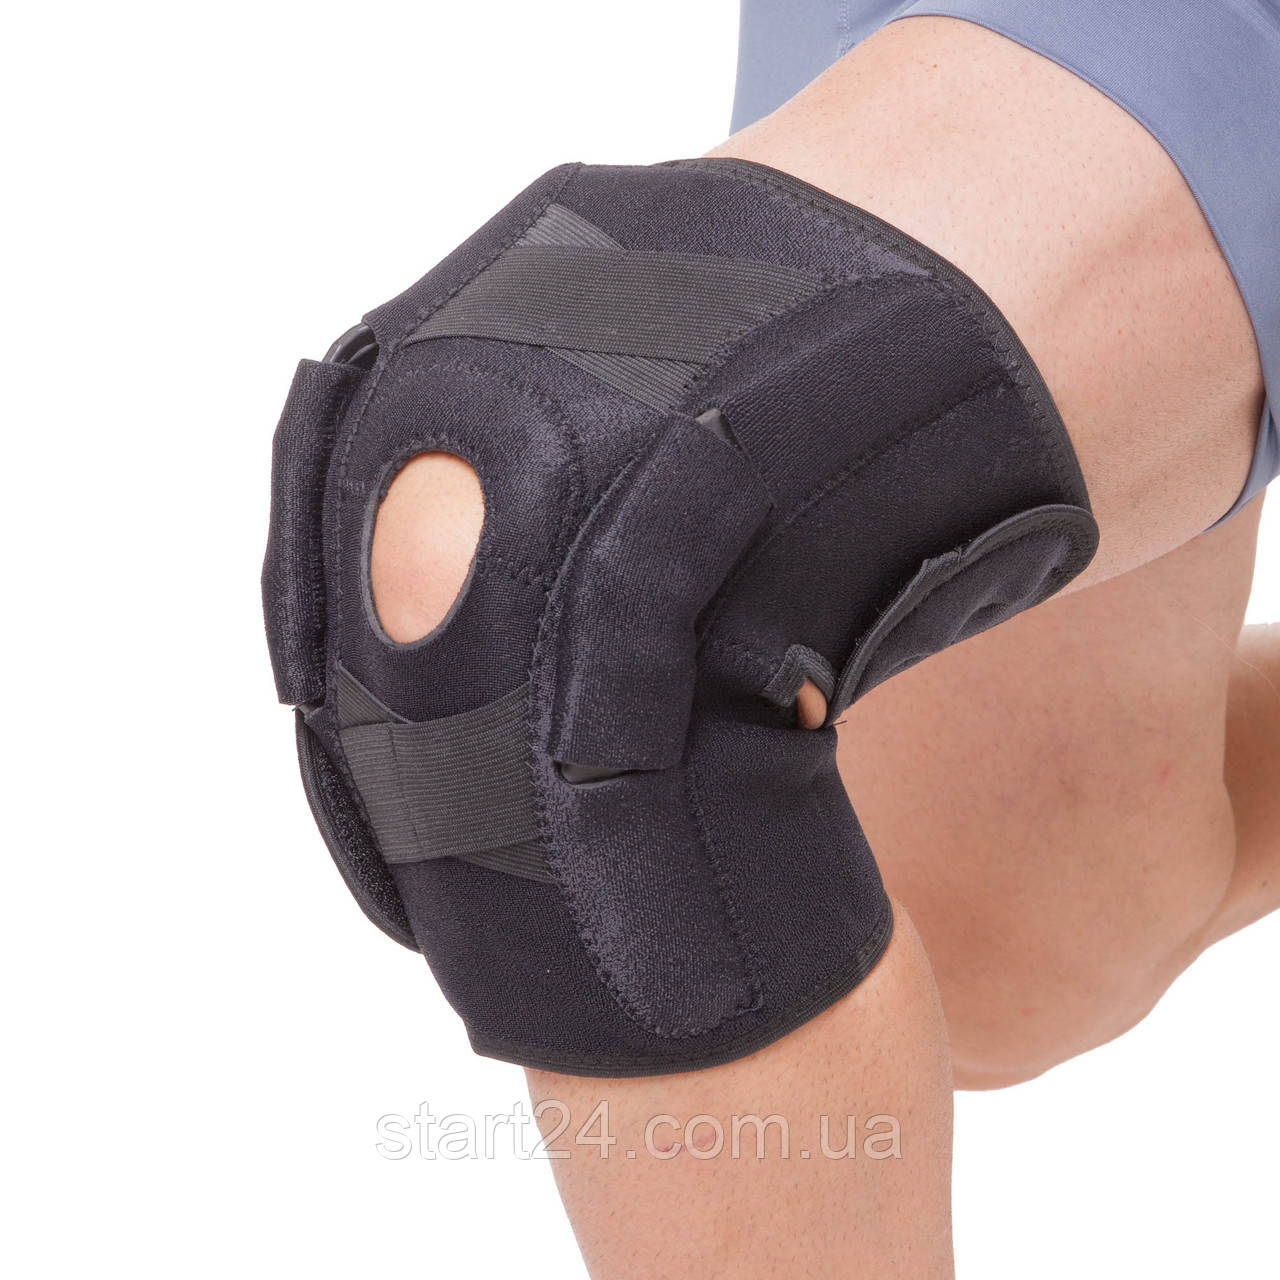 Наколенник-ортез коленного сустава открывающ. с шарниром (1шт) GS-1820 (р-р регул.)